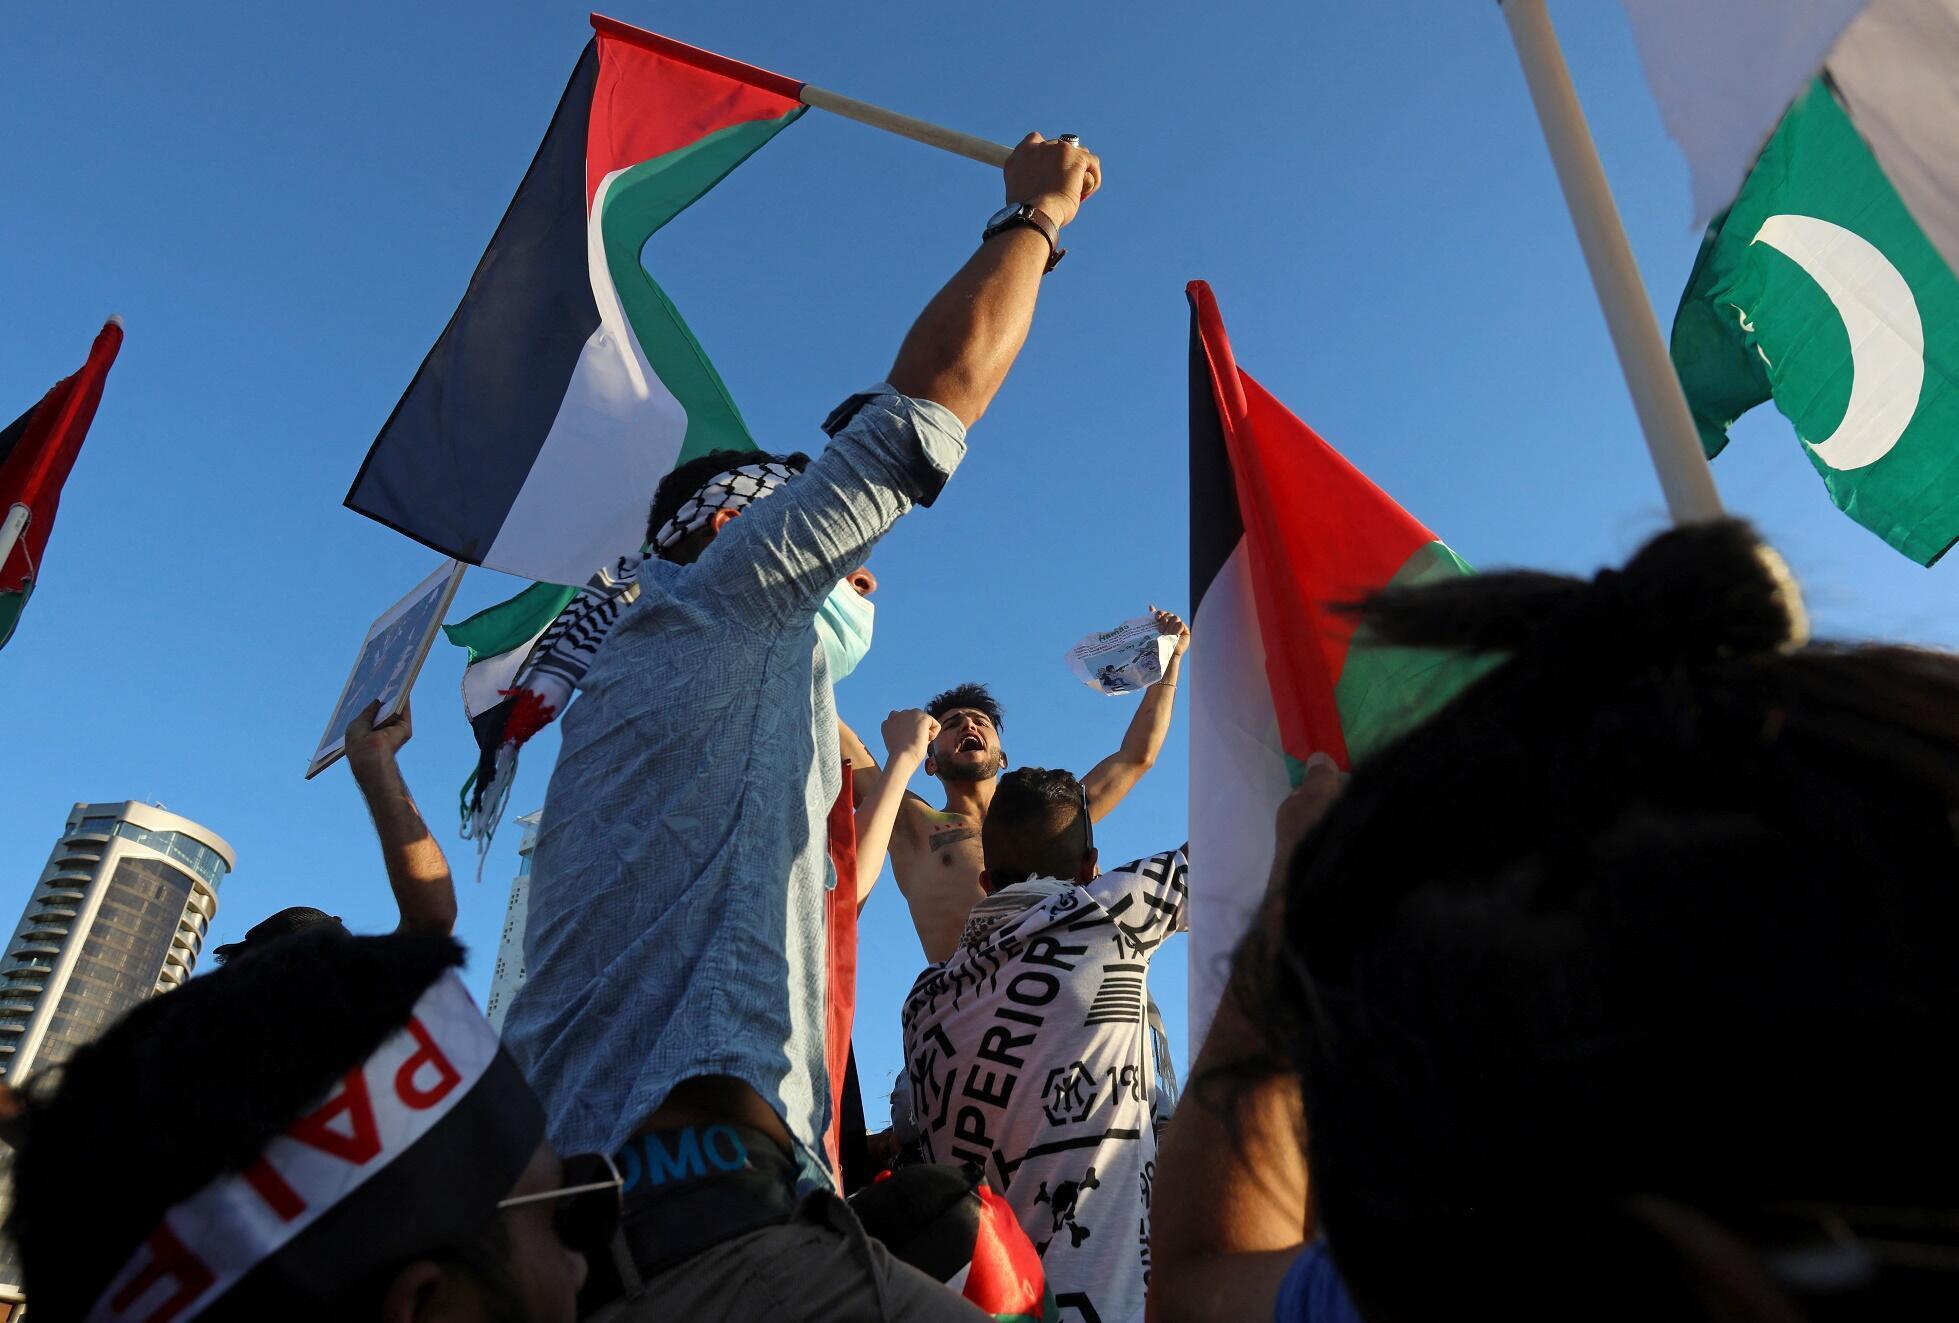 Manifestants en faveur de la cause palestinienne (Image illustration).